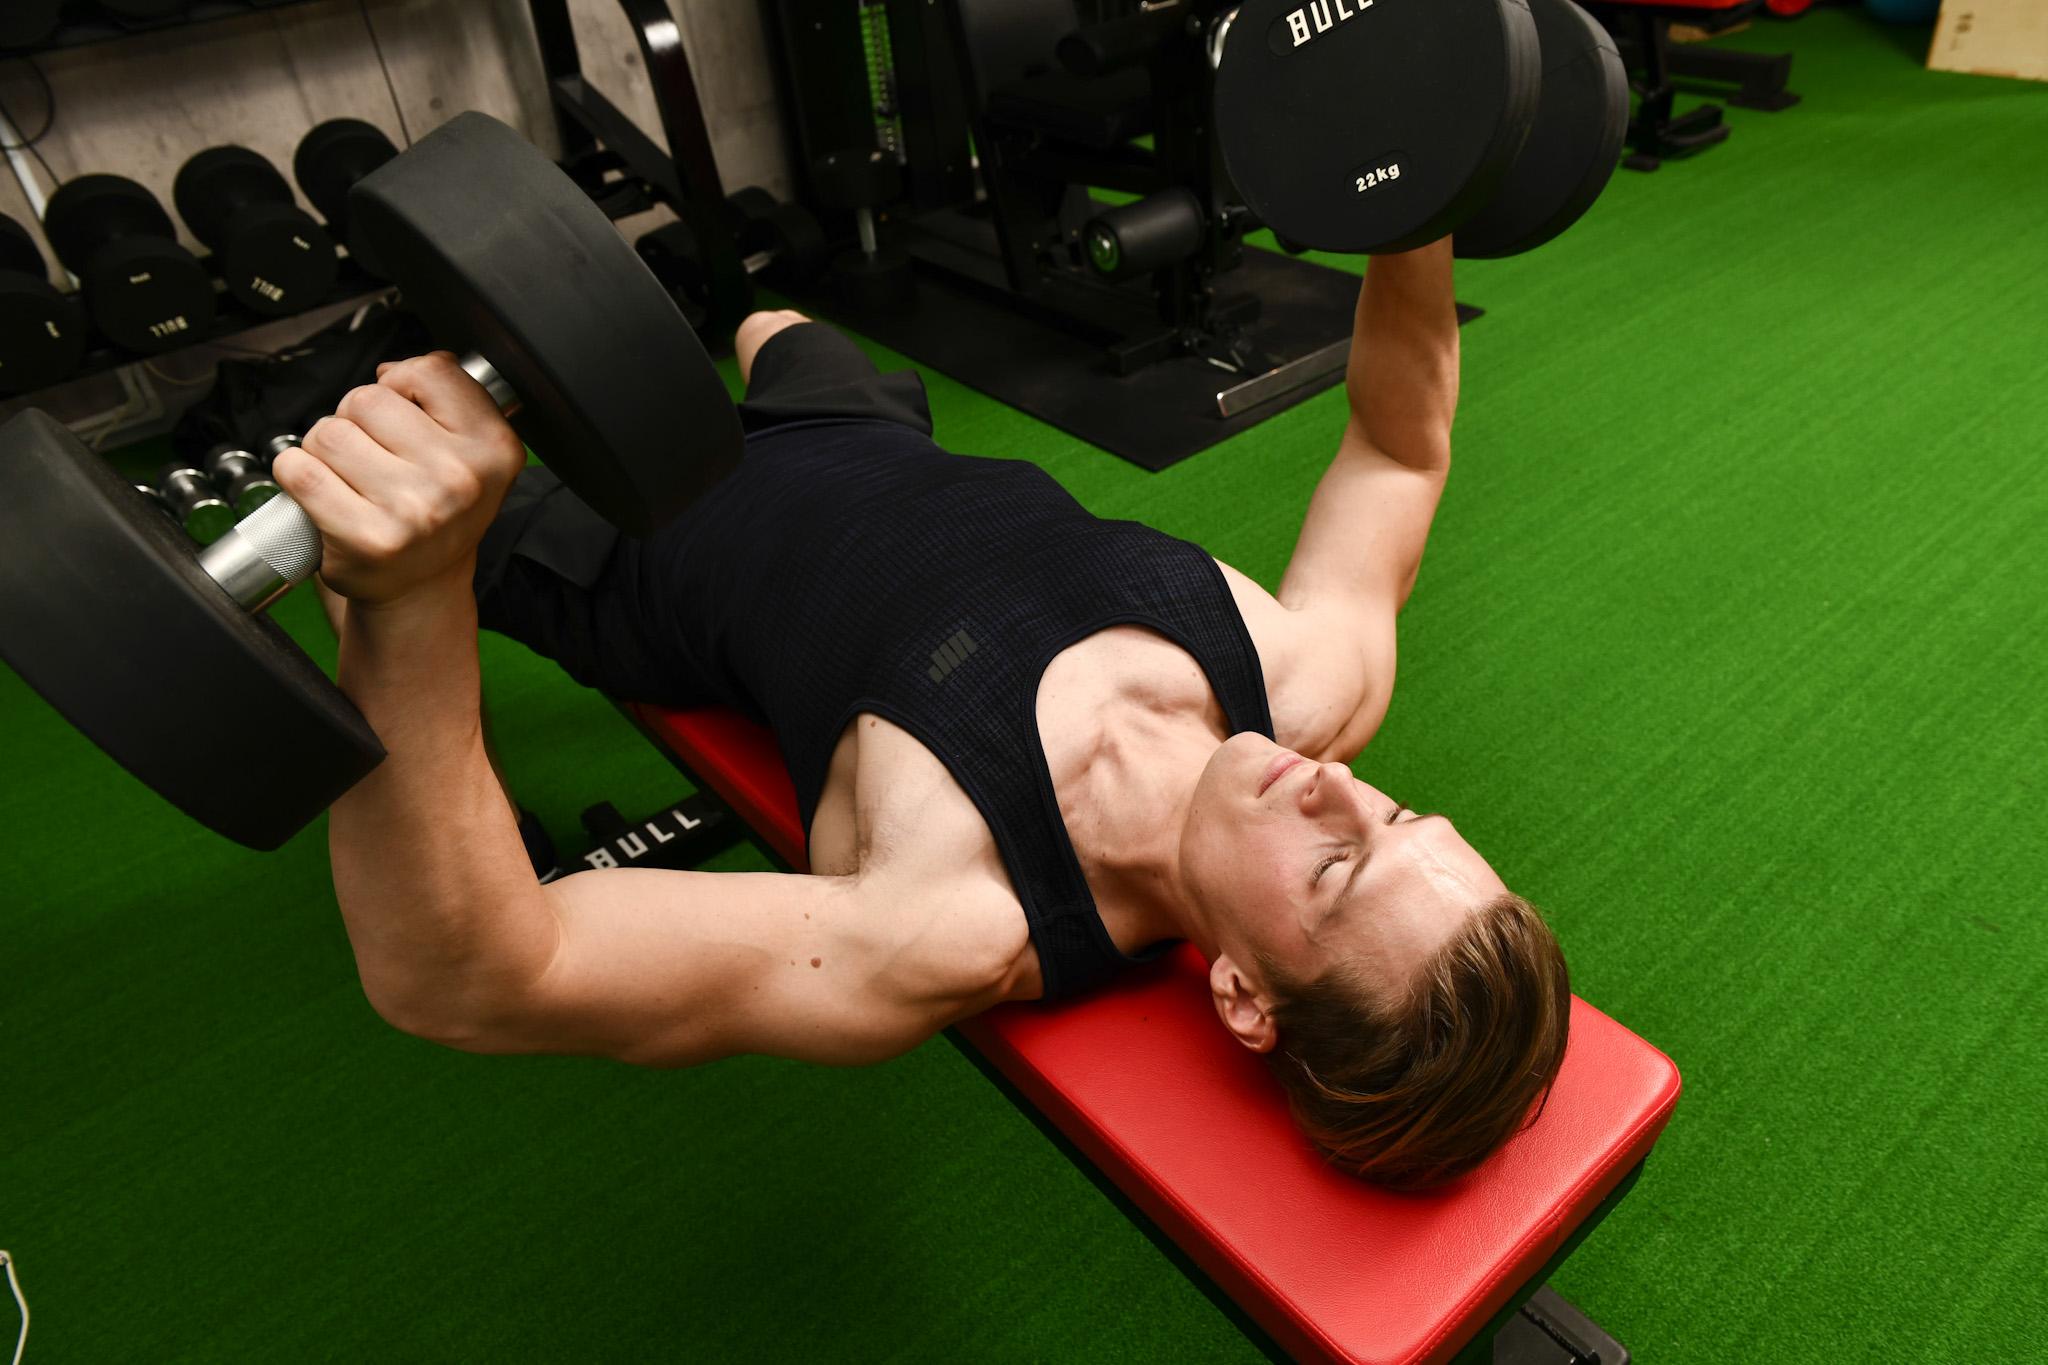 「筋肉は裏切らない」でおなじみのテレビ番組『みんなで筋肉体操』(NHK)への出演で注目を集める村雨辰剛(むらさめ・たつまさ)さんの普段のトレーニングの様子。